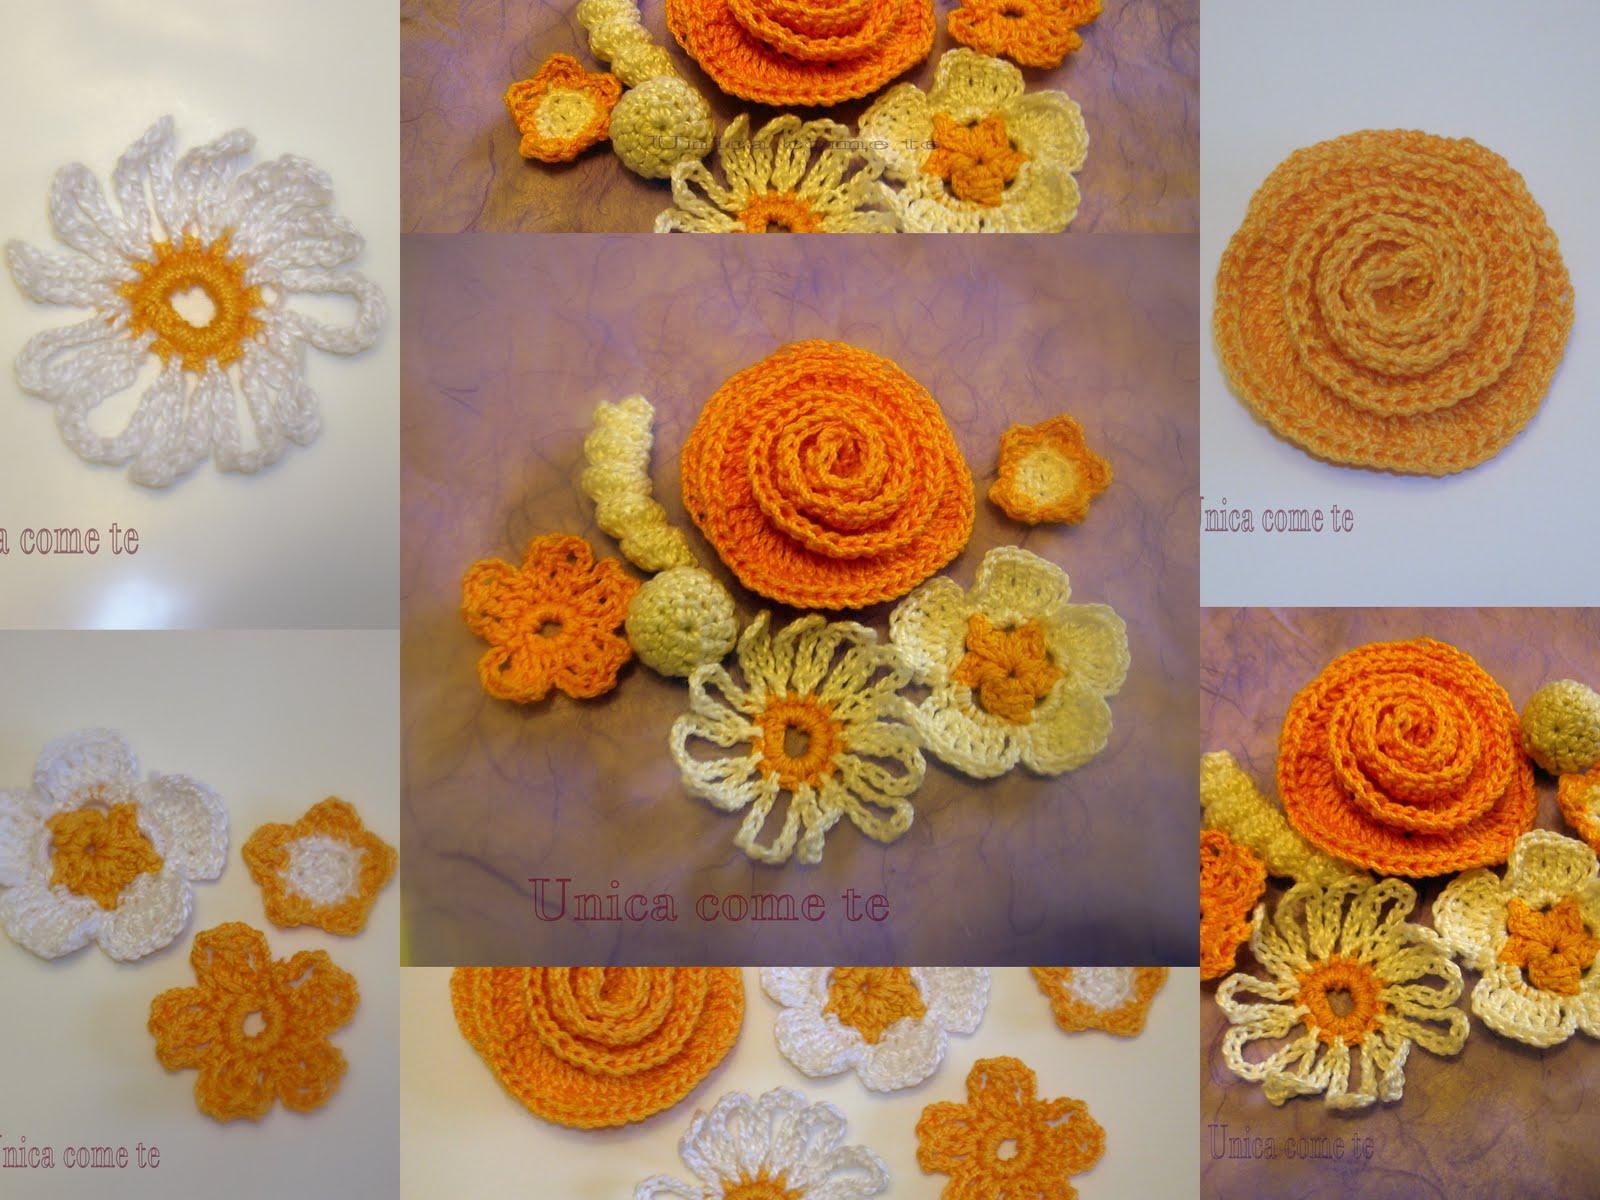 http://2.bp.blogspot.com/_WZW5ZMvflCU/TT2crWj7PeI/AAAAAAAAAwY/m-eswiJIi24/s1600/collage+crochet.jpg